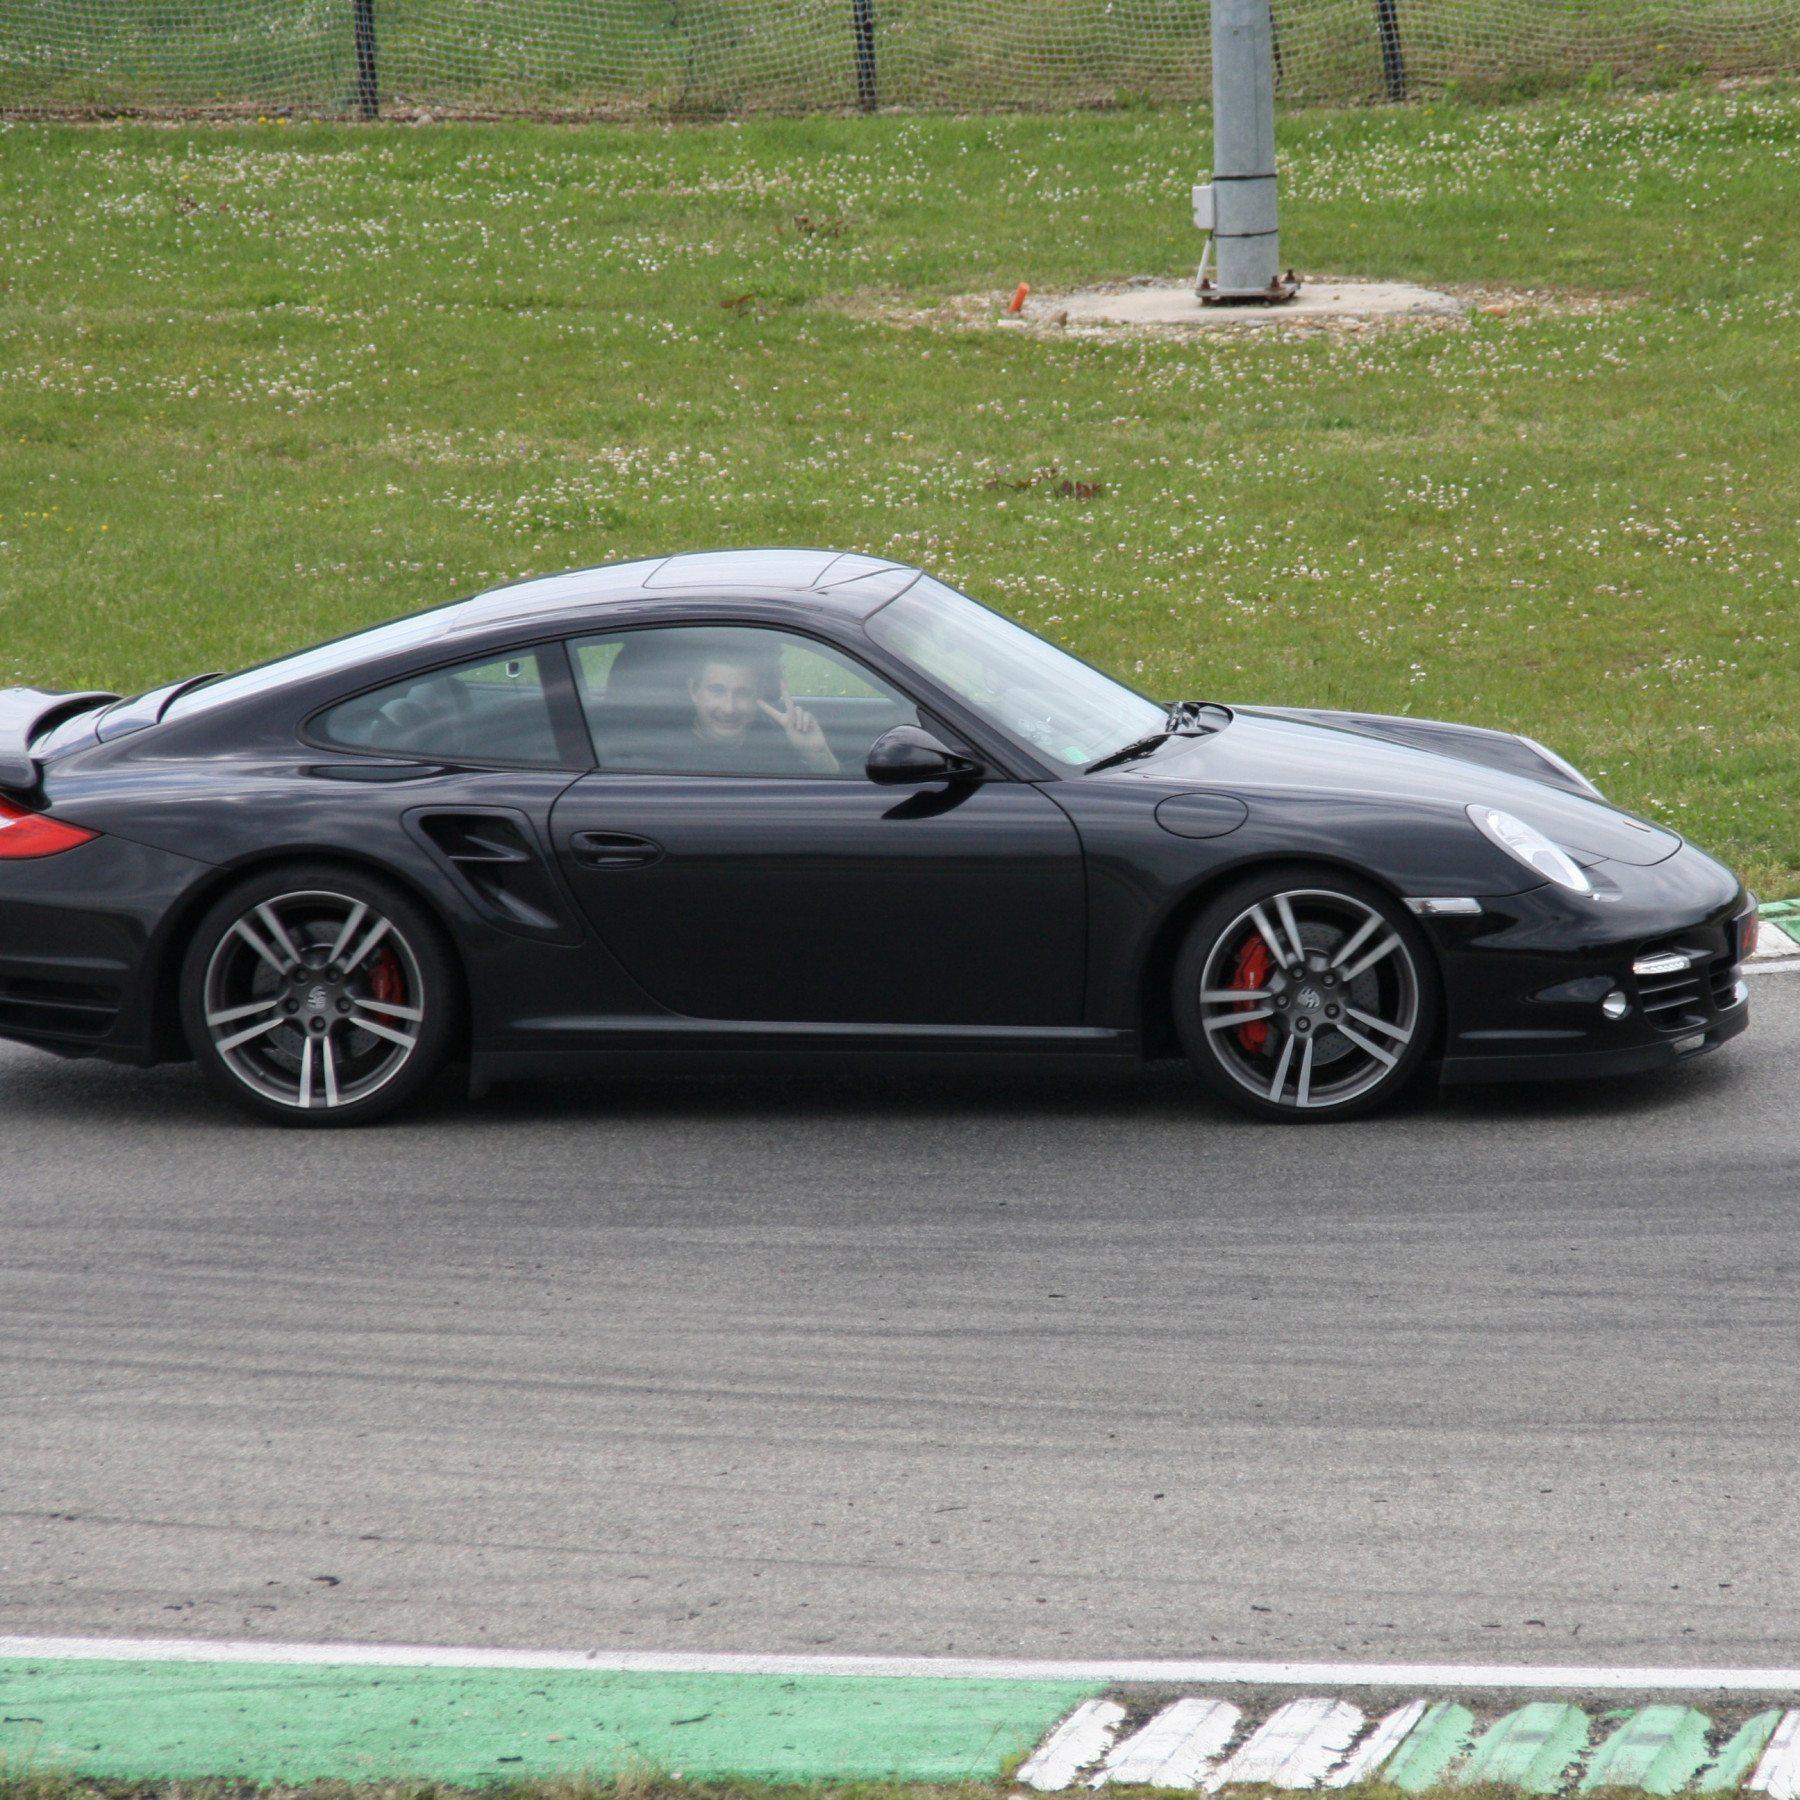 Guida una Porsche 997 BiTurbo da 99 € - Castelletto di Branduzzo